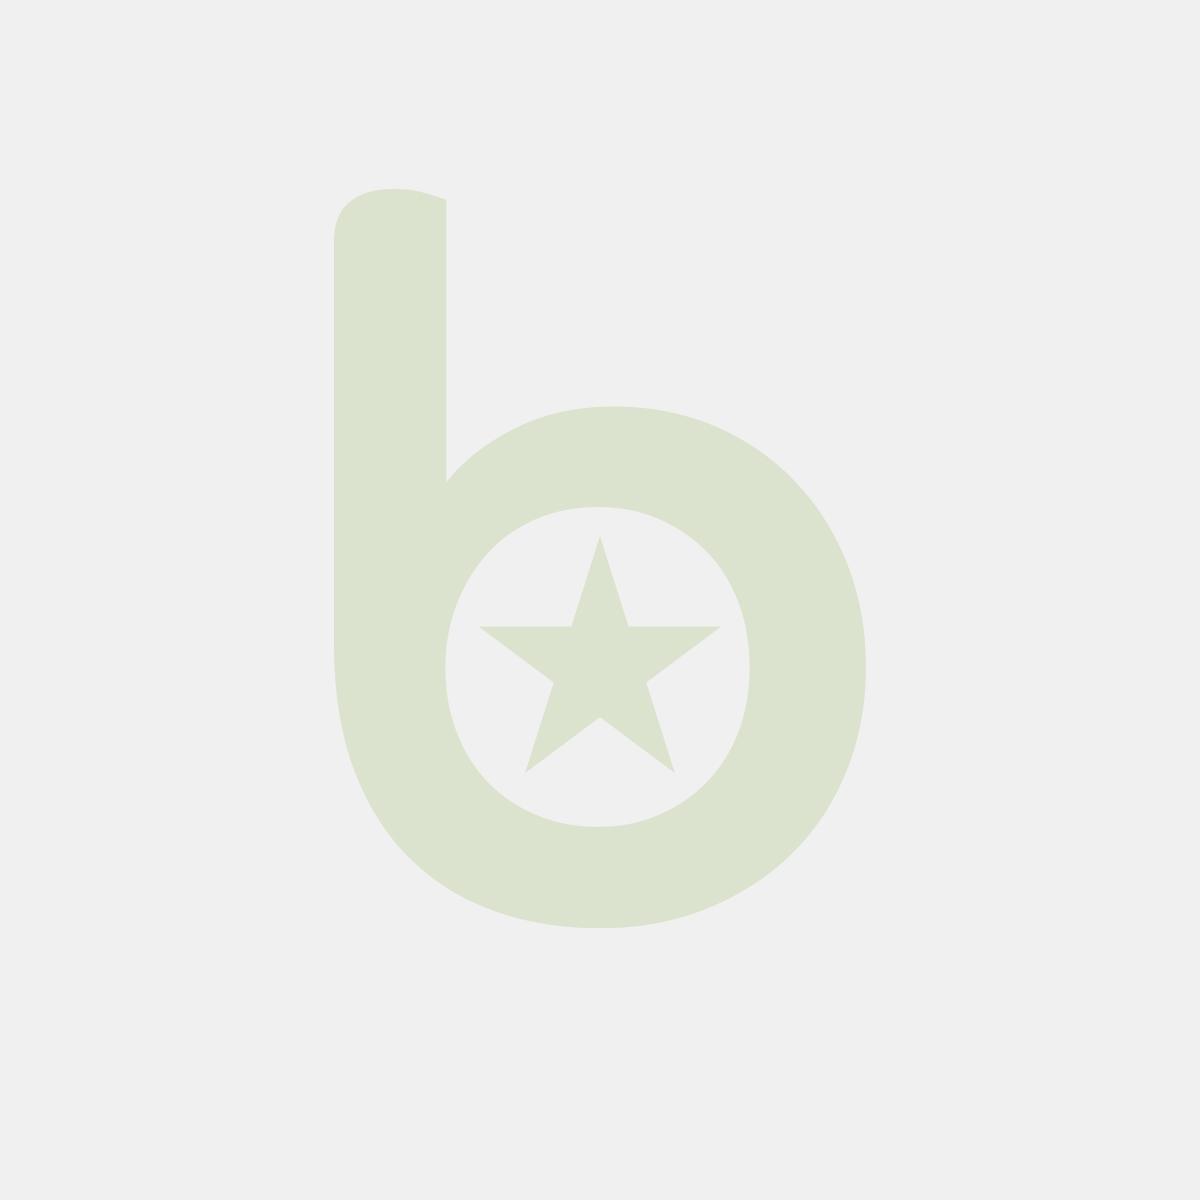 Koperta KEBAB / BURGER, brązowa bez nadruku cena za opakowanie 1000szt